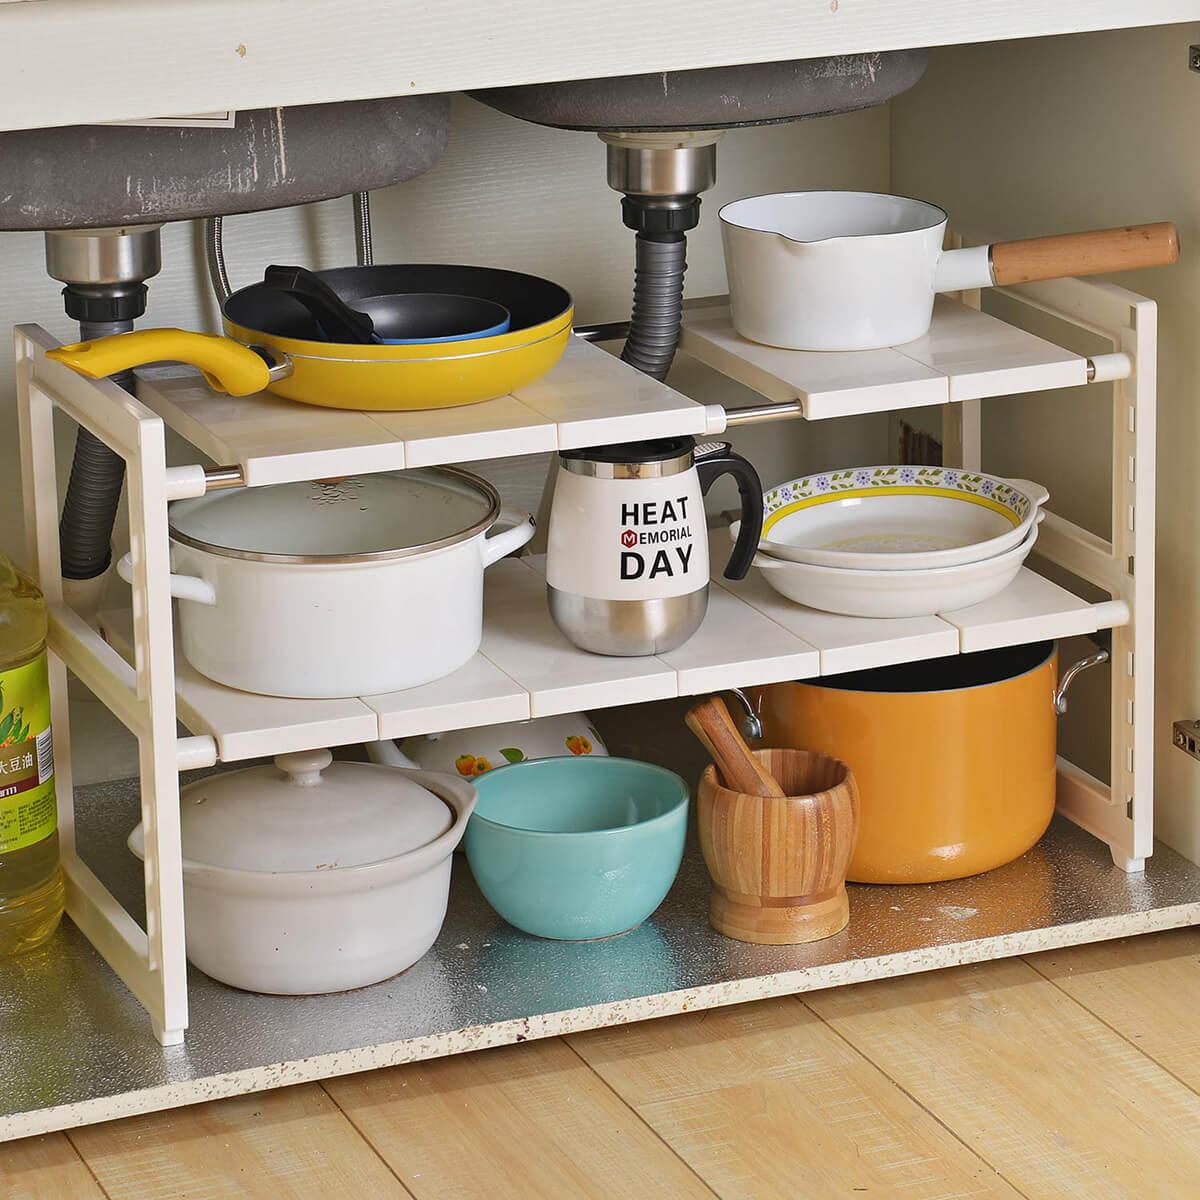 Советы для поддержания порядка и чистоты на кухне фото 6